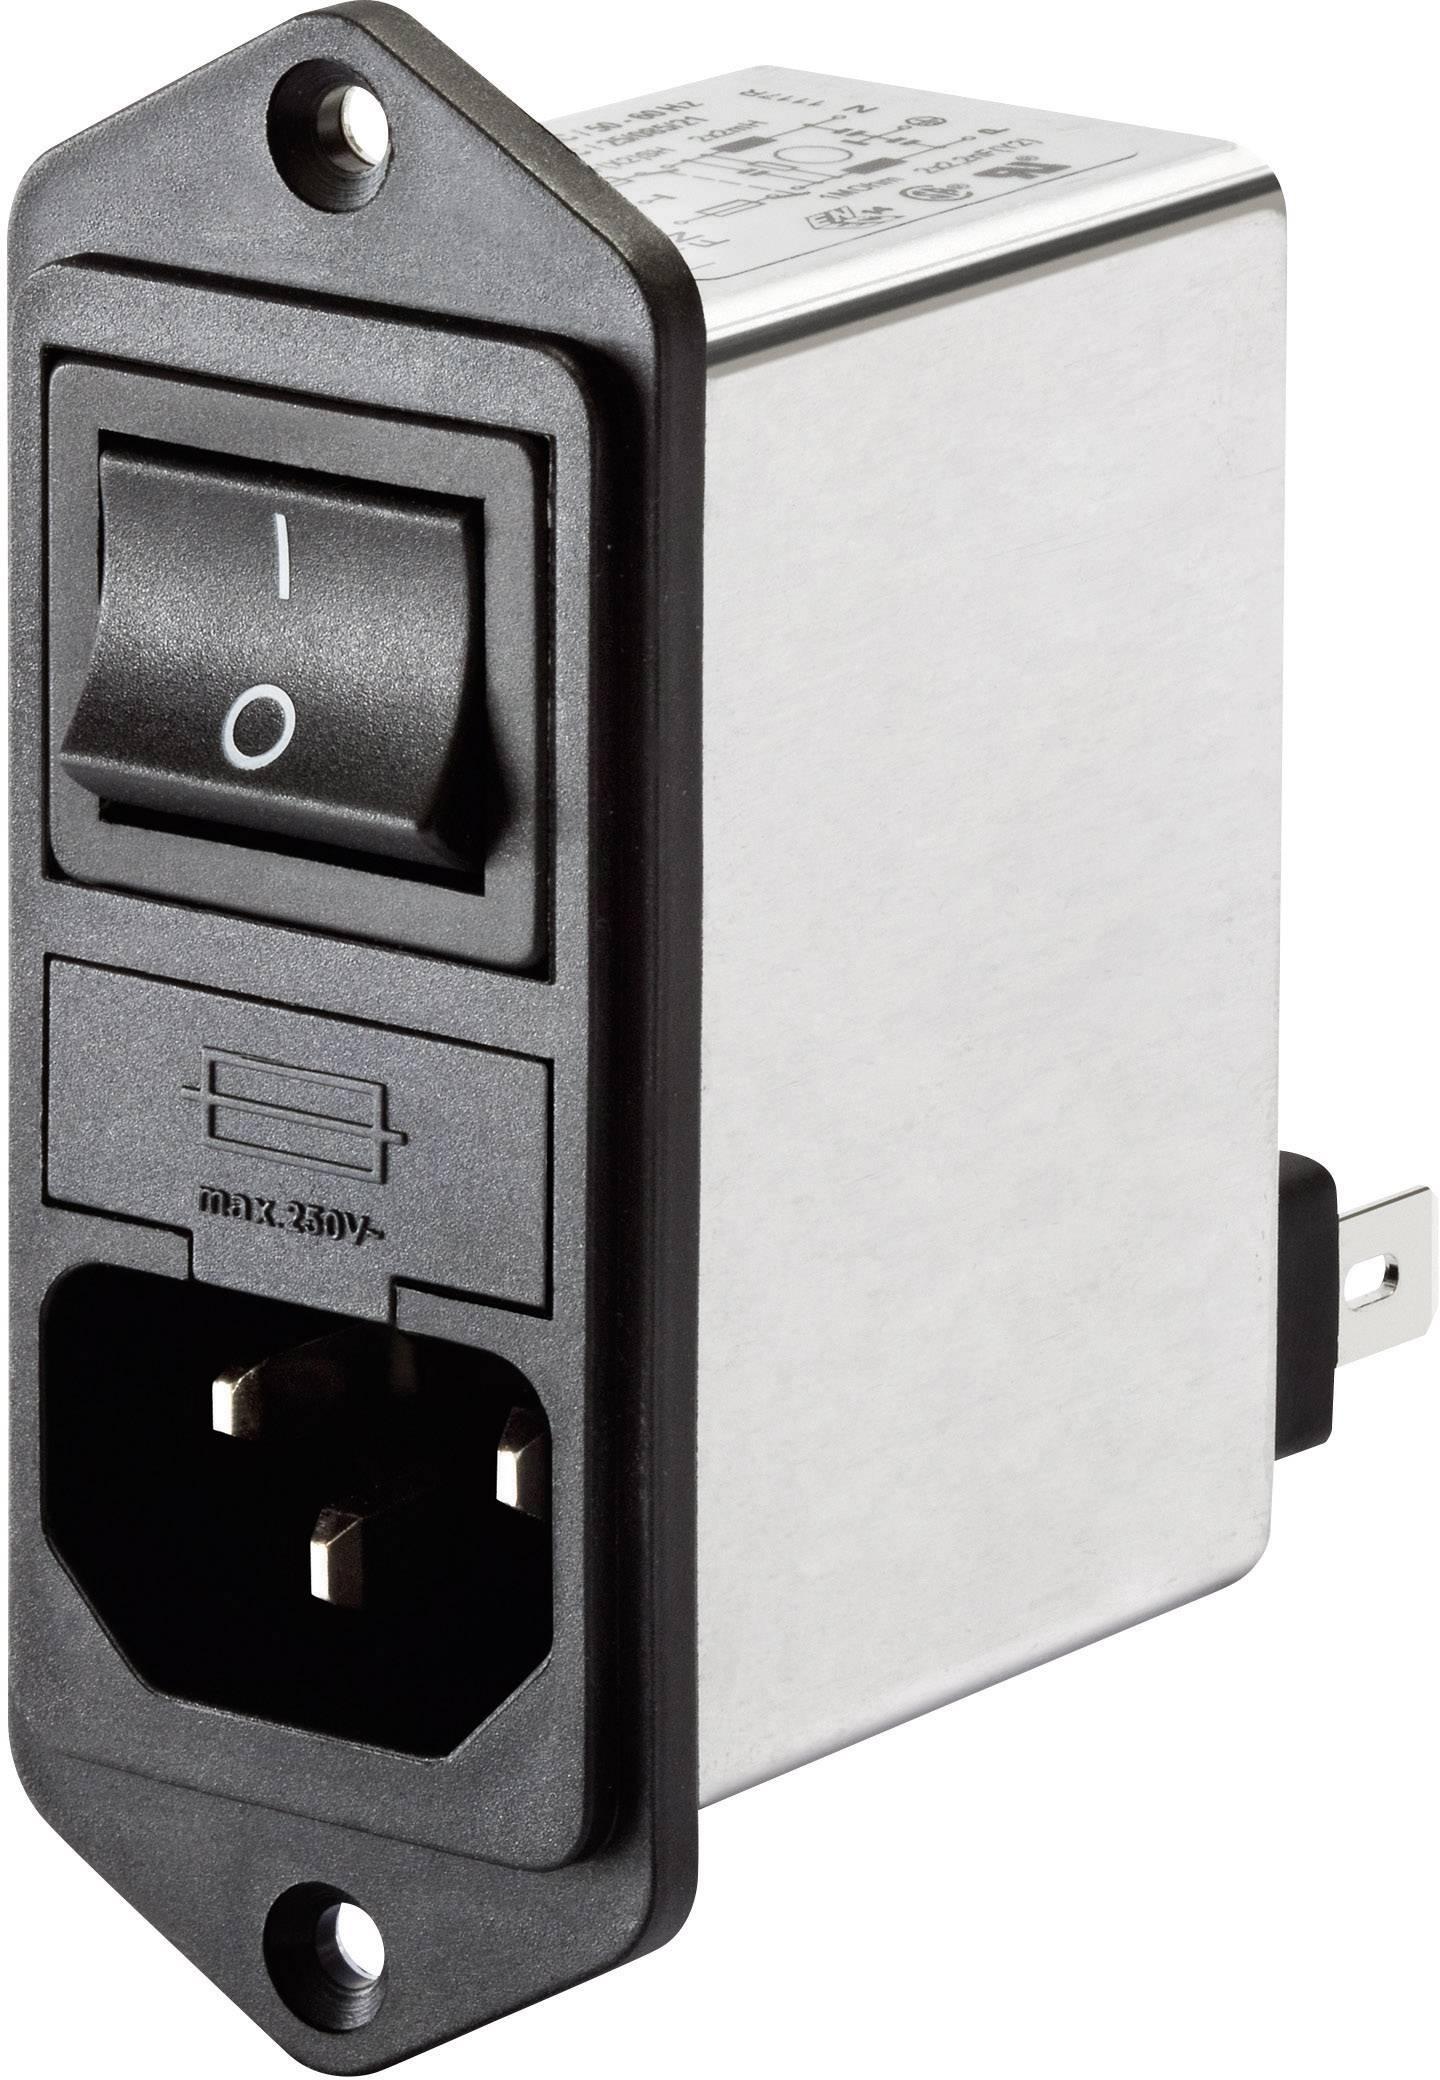 Sieťový filter Schaffner FN 284-4-06 FN 284-4-06, so spínačom, s IEC zásuvkou, 250 V/AC, 4 A, 1 mH, 1 ks